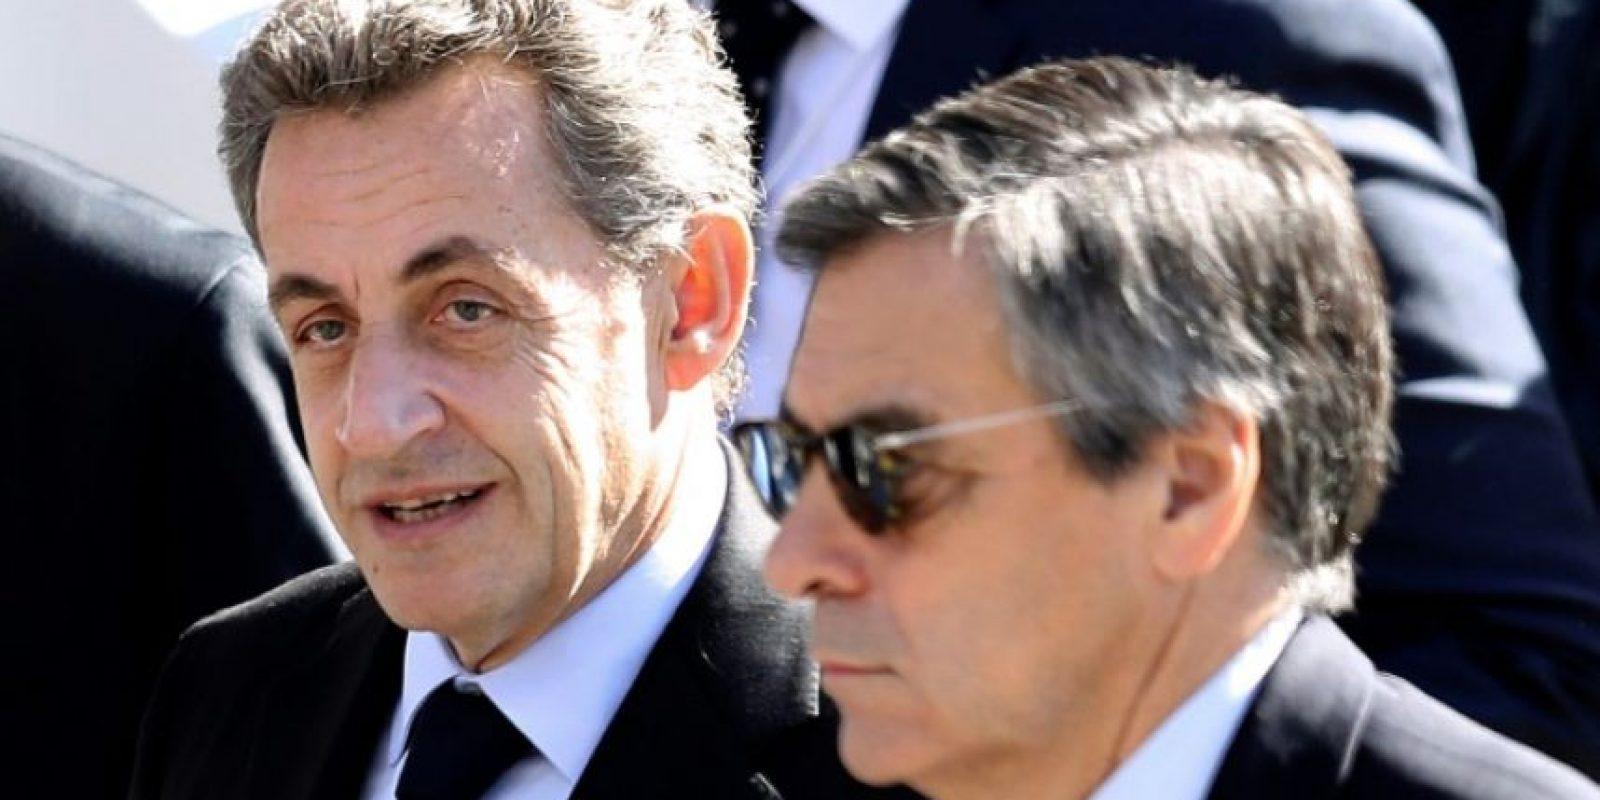 El expresidente francés Nicolas Sarkozy (I) y el candidato a las primarias de Les Republicains de cara a las presidenciales de 2017, François Fillon (D), durante el tributo a las víctimas de los atentados de Niza, el 15 de octubre de 2016 Foto:Valery Hache/afp.com